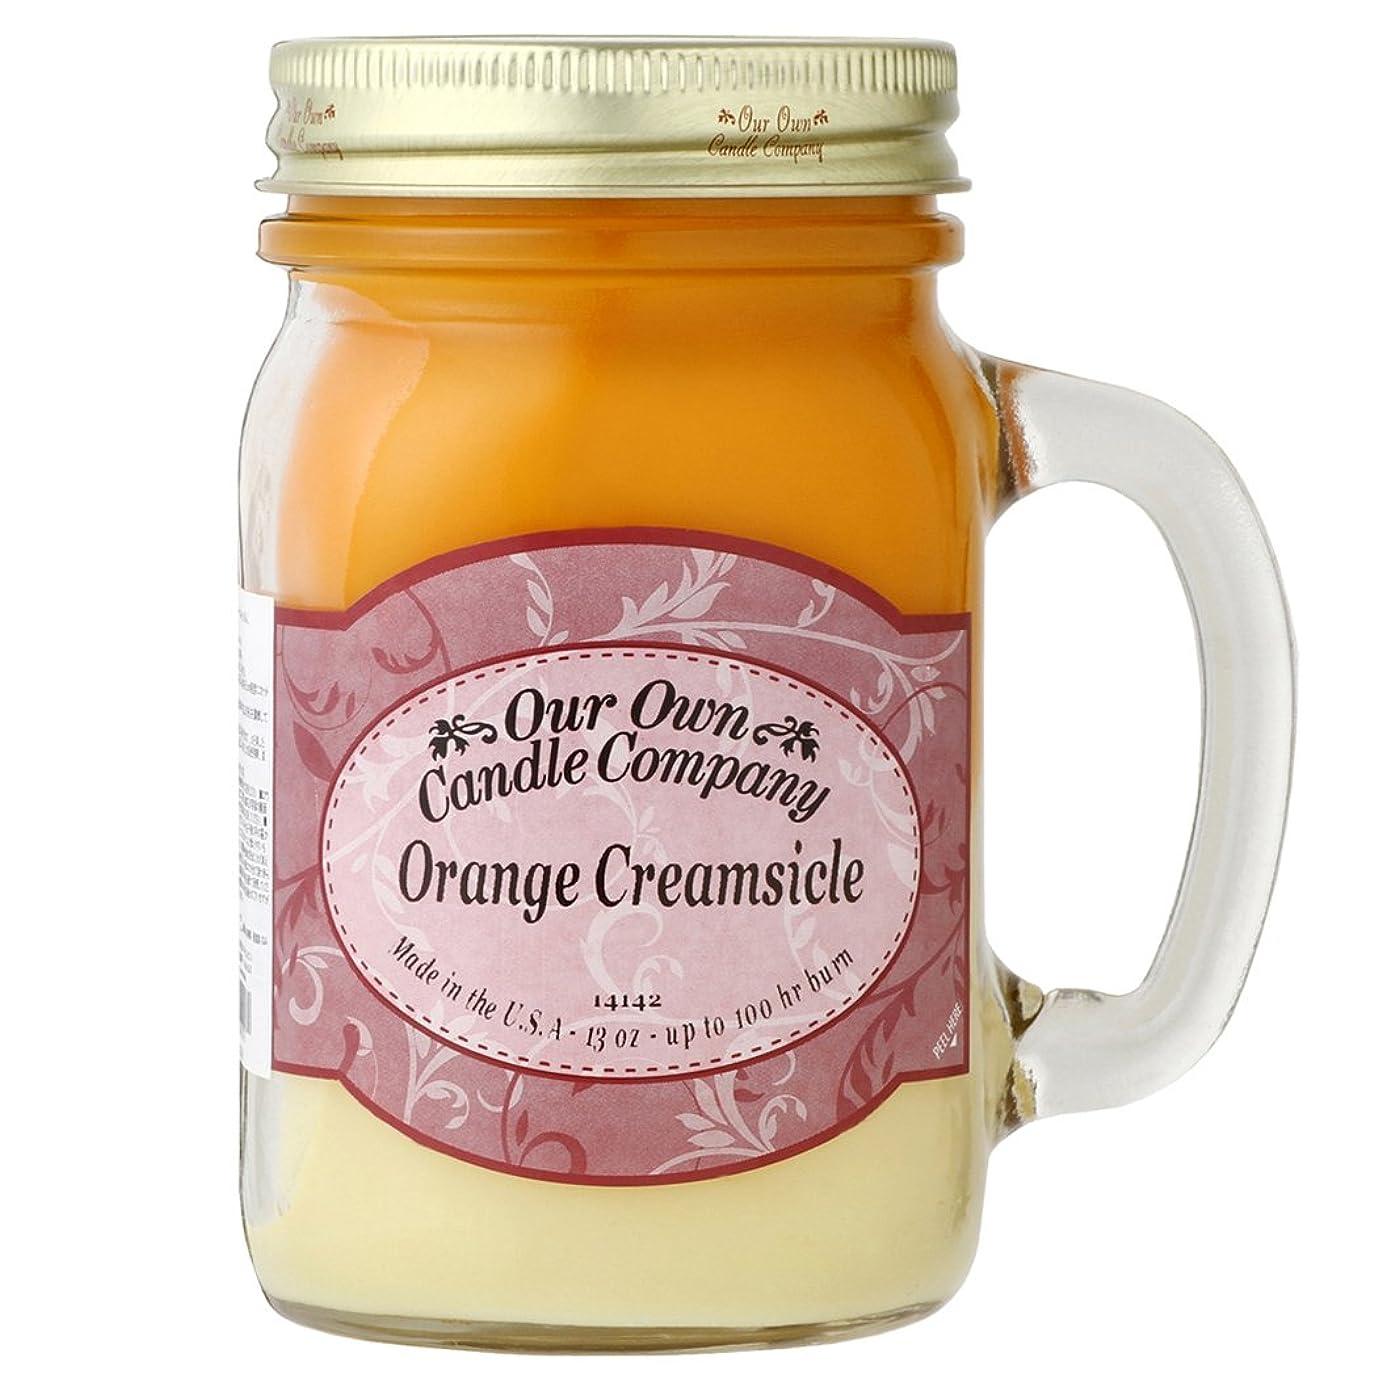 錫攻撃的急勾配のOur Own Candle Company メイソンジャーキャンドル ラージサイズ オレンジクリームシルク OU100085